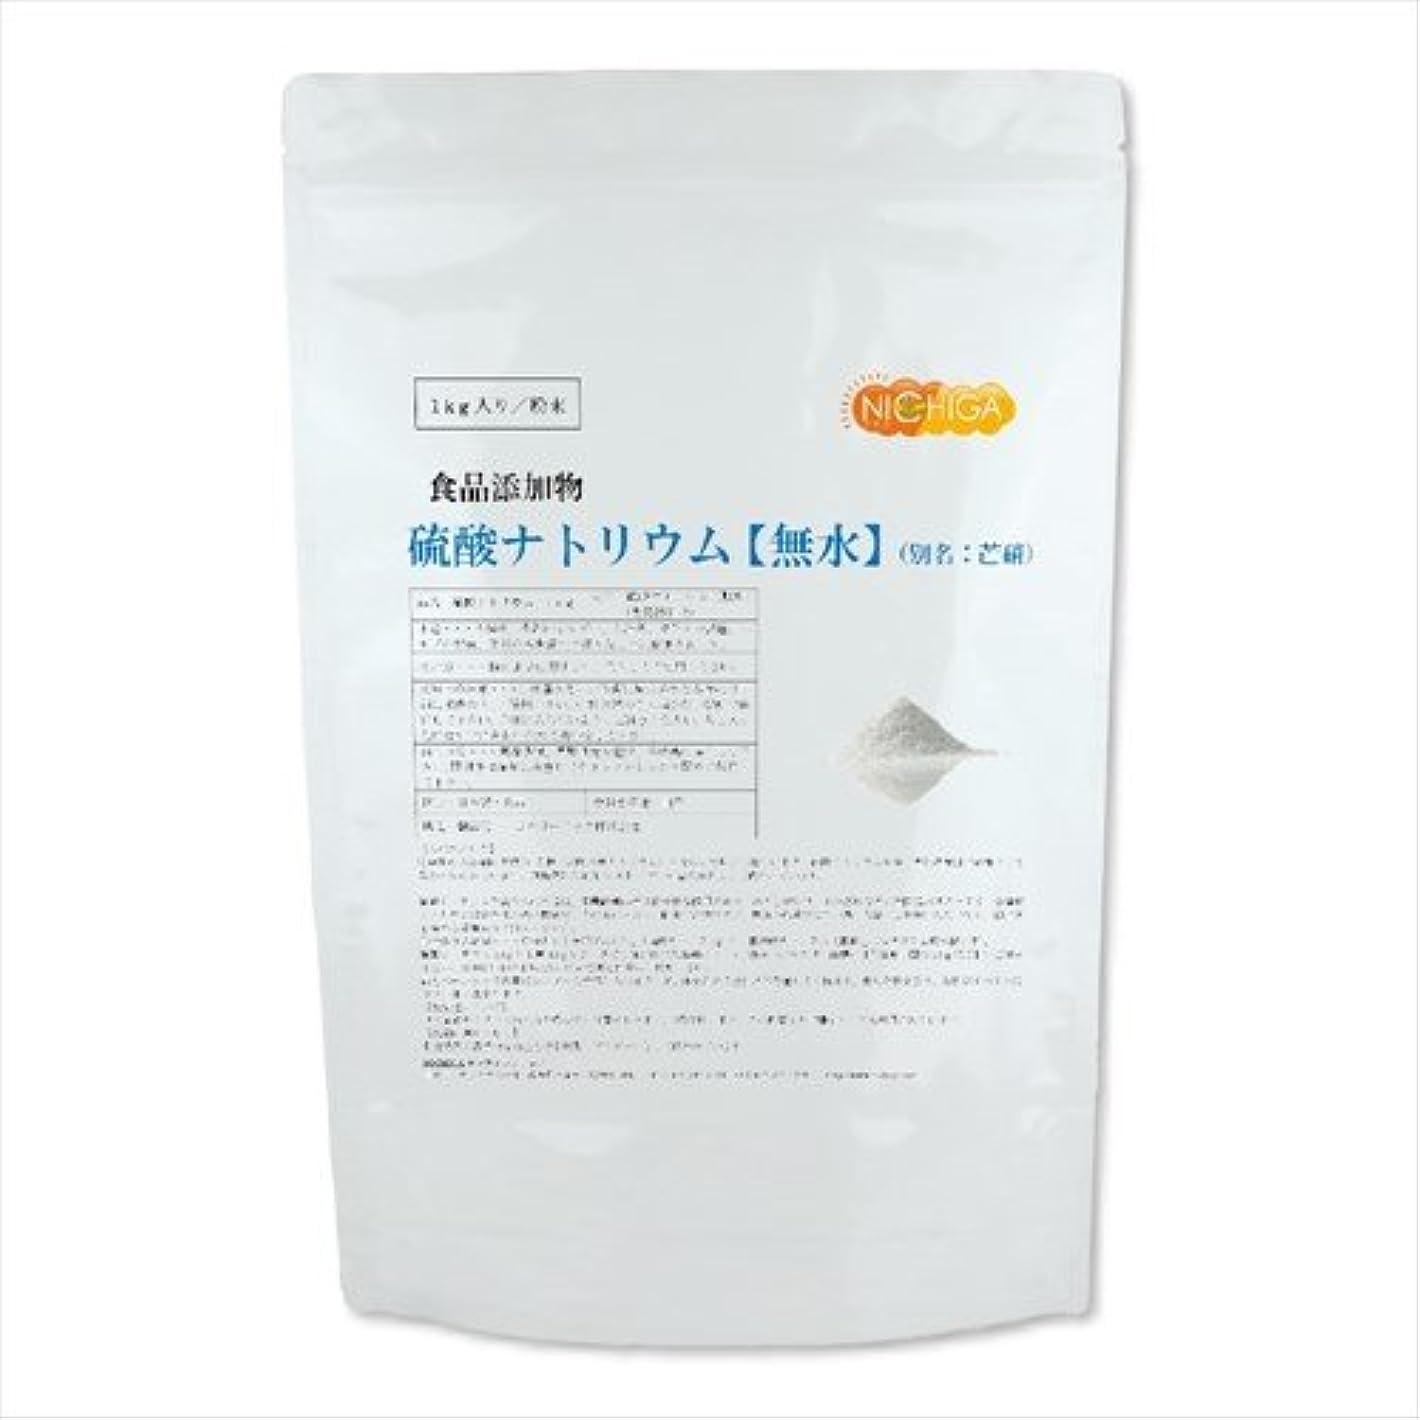 木材レガシーマトン国産 硫酸ナトリウム 950g 無水 芒硝 グラウバーソルト 食品添加物 [01] NICHIGA(ニチガ)